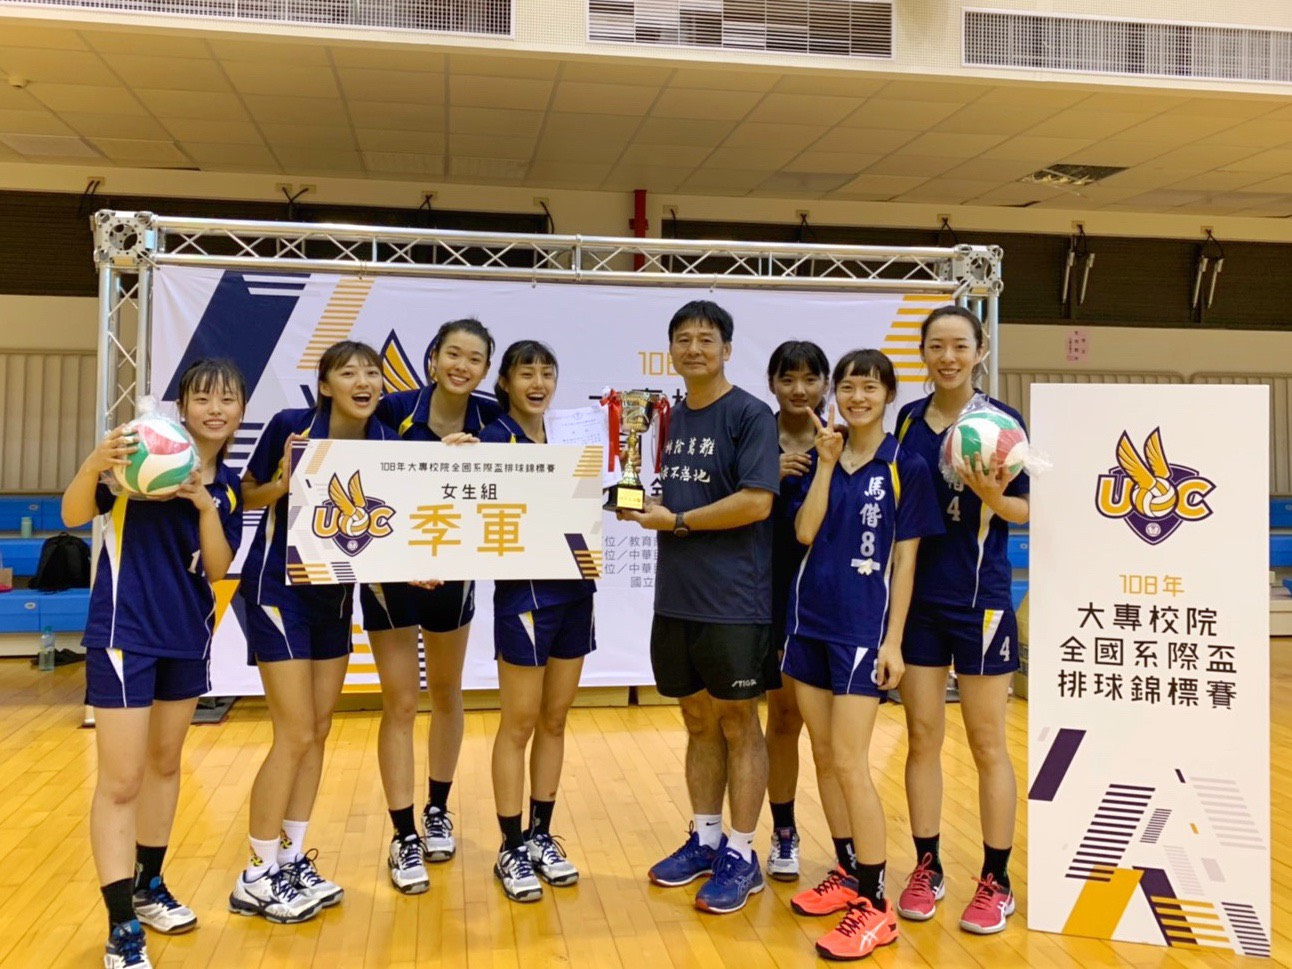 賀!本校女子排球隊參加「108年全國系際盃排球錦標賽」,榮獲第三名!